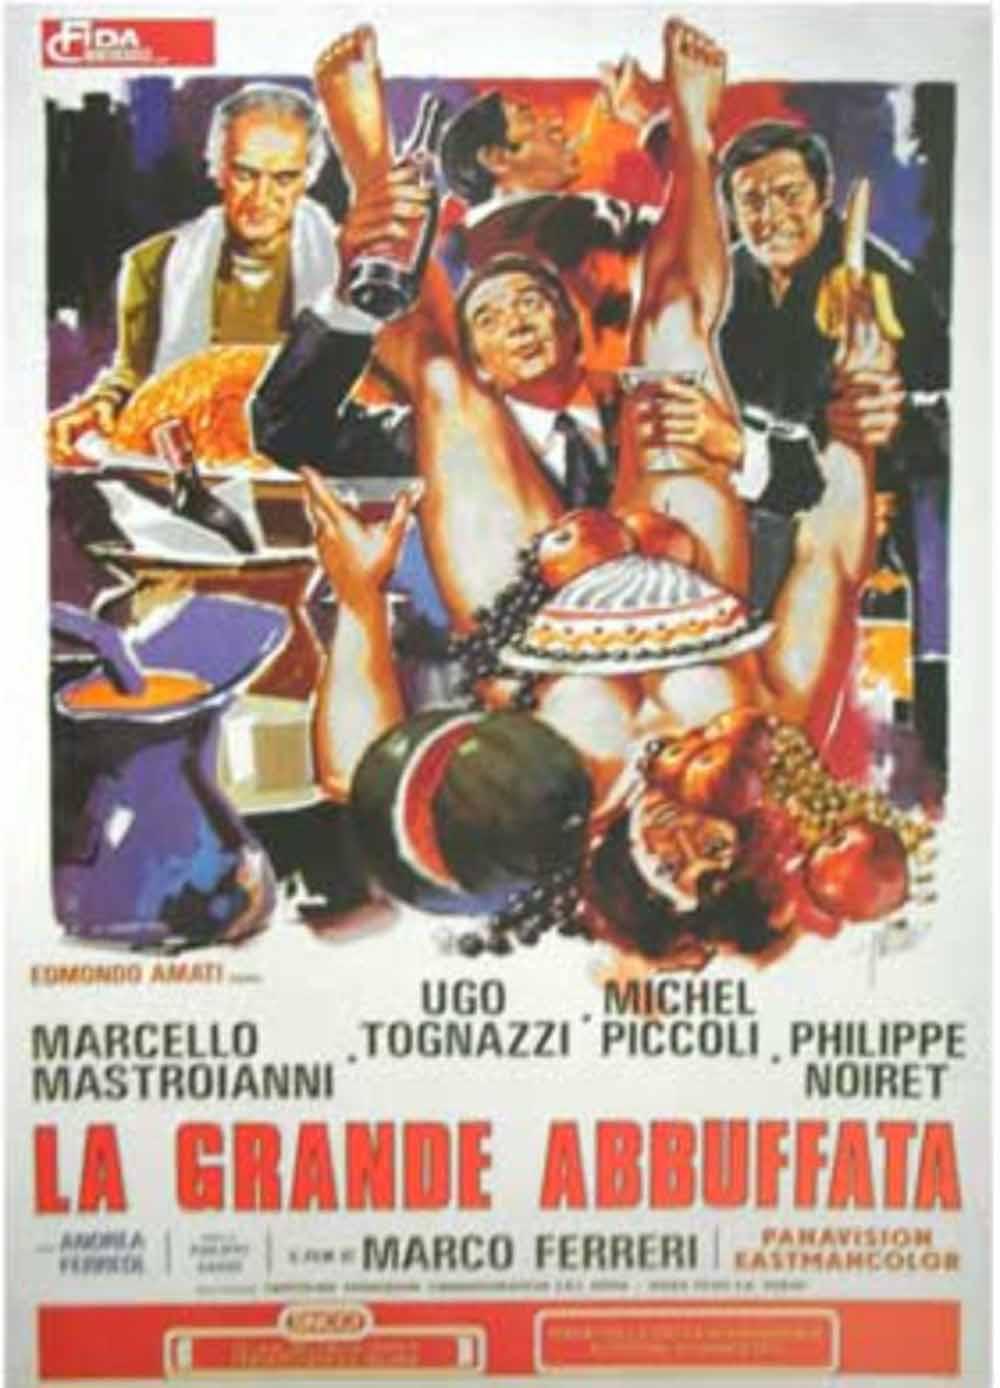 1973 - La grande abbuffata